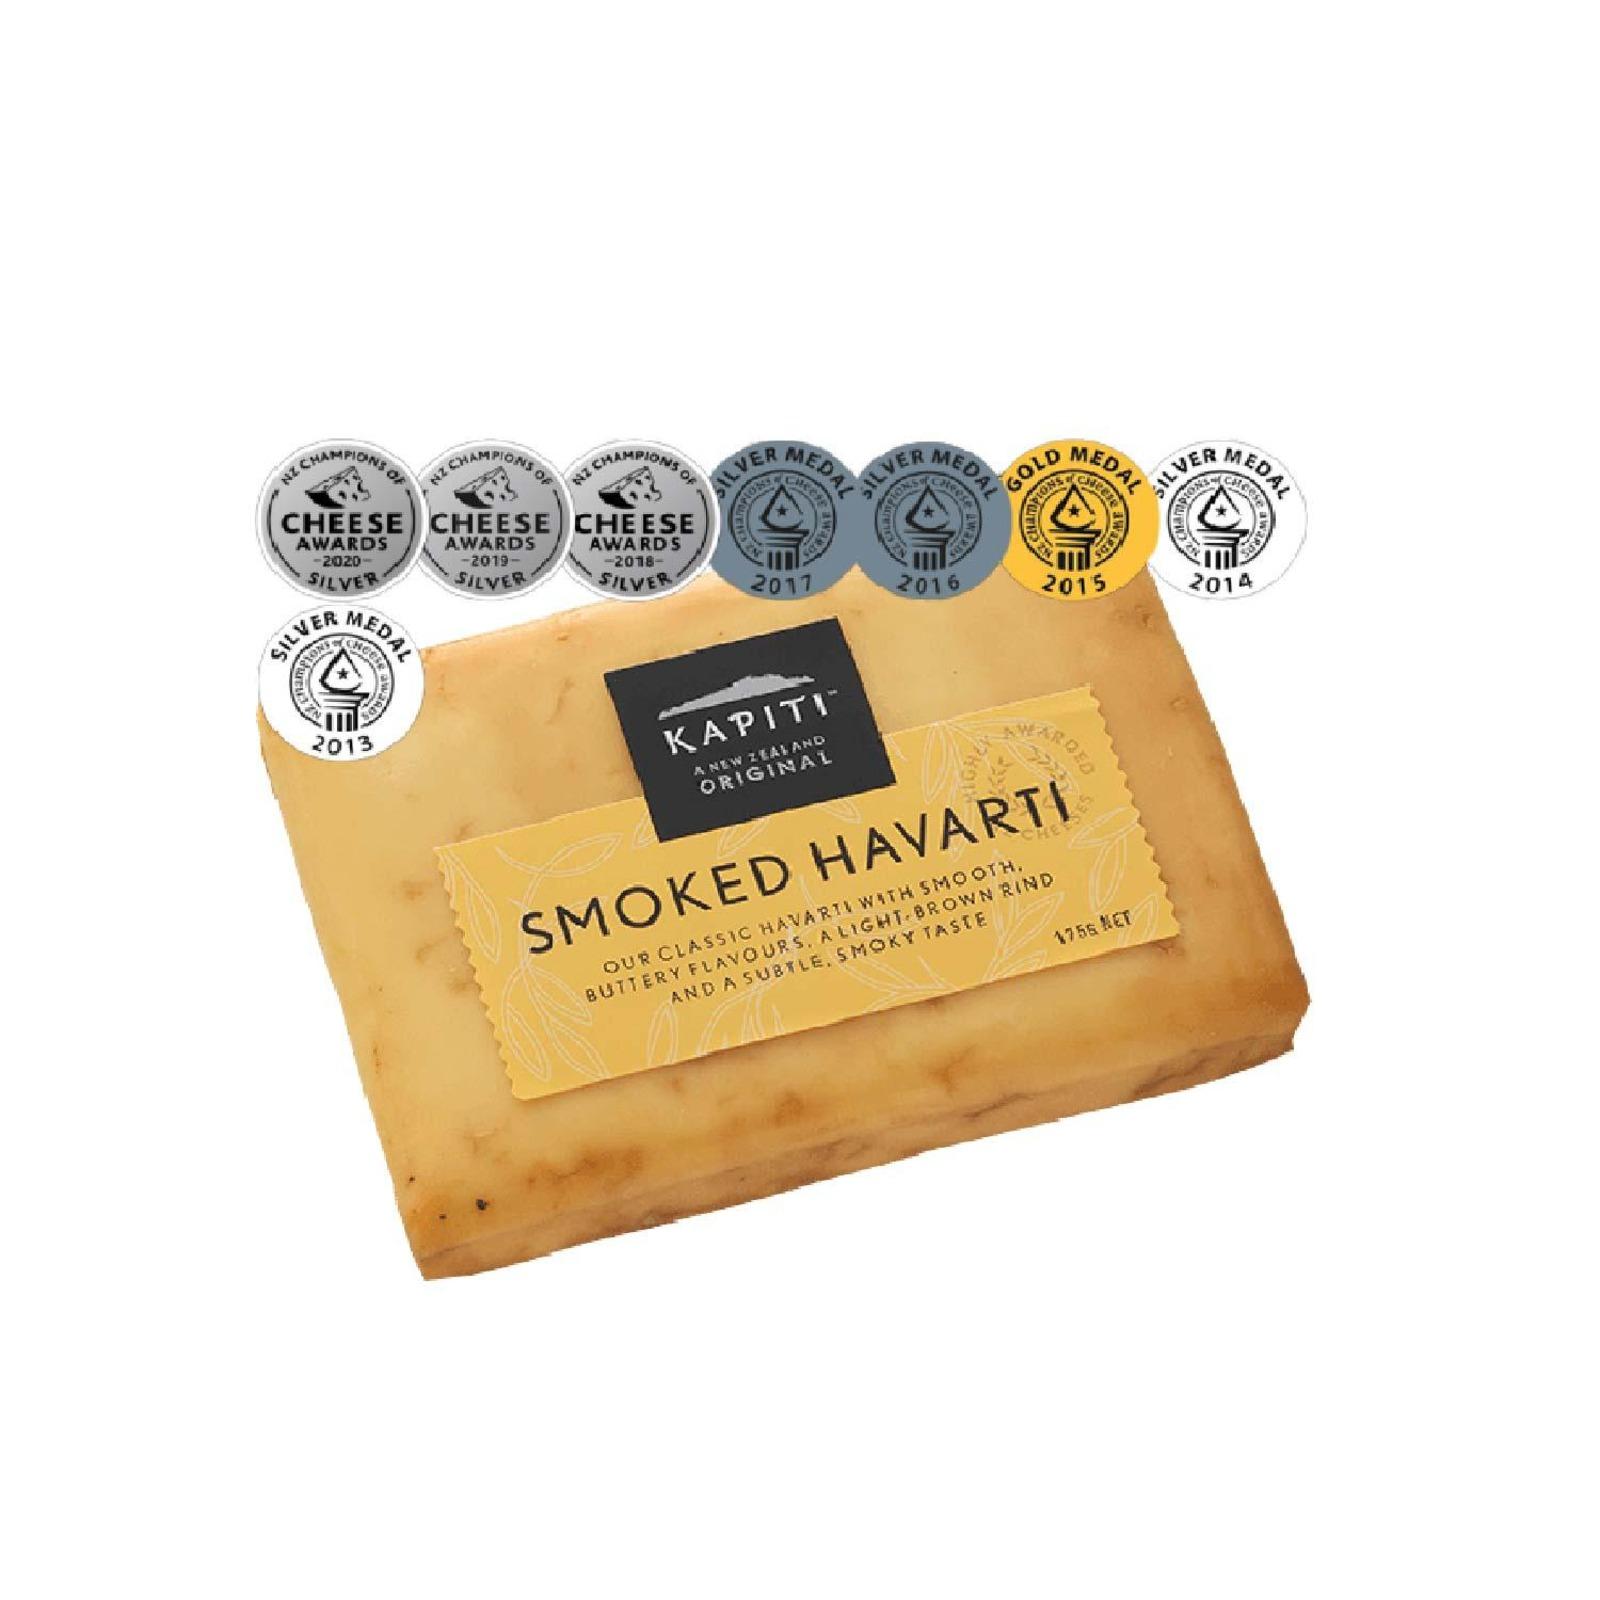 Kapiti Smoked Havarti Cheese